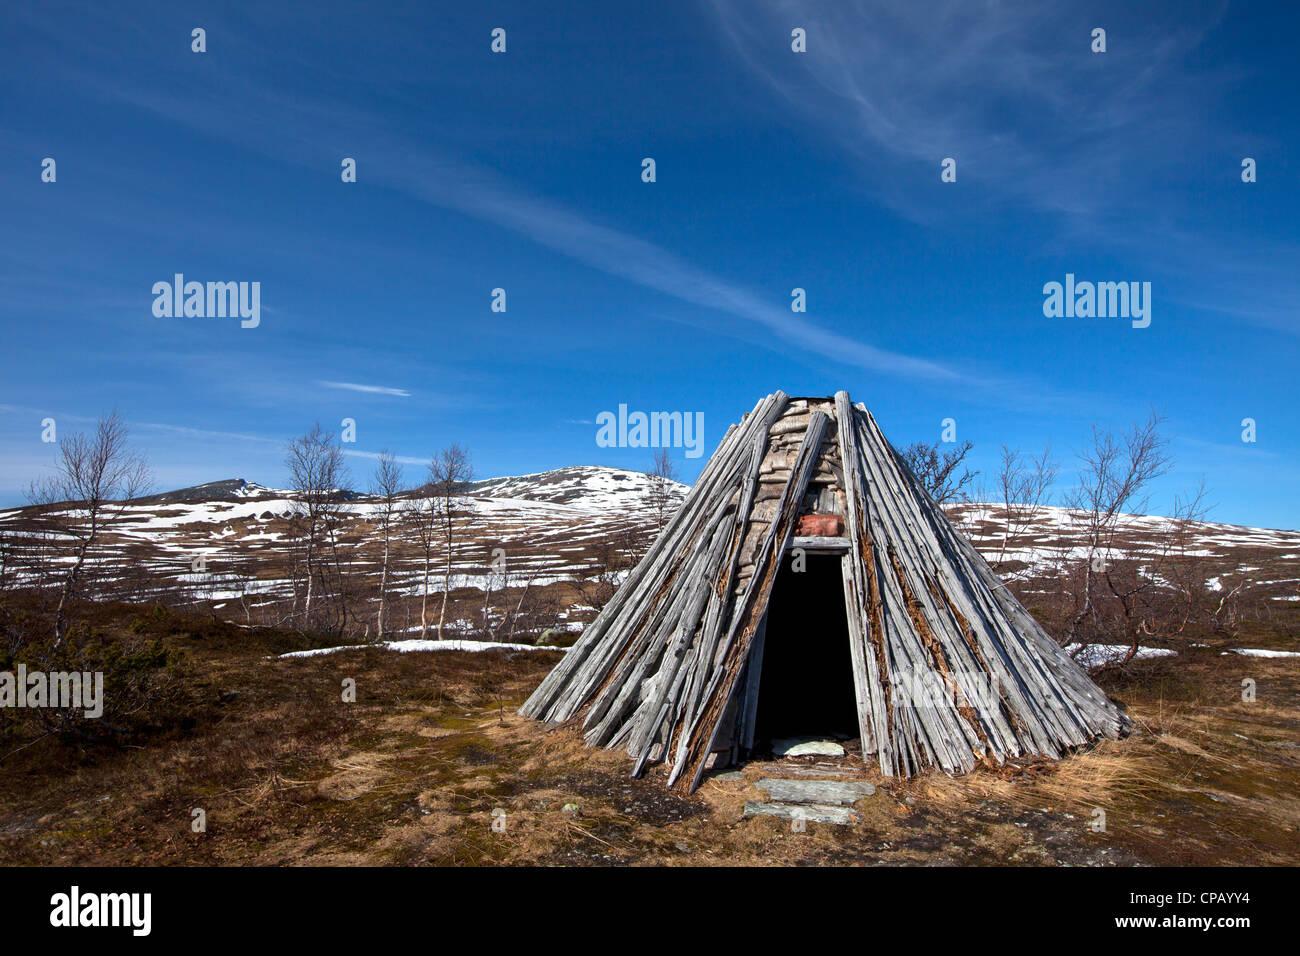 Un goahti / kota, Sami tradizionale baita in legno sulla tundra in primavera in Lapponia, Svezia Immagini Stock